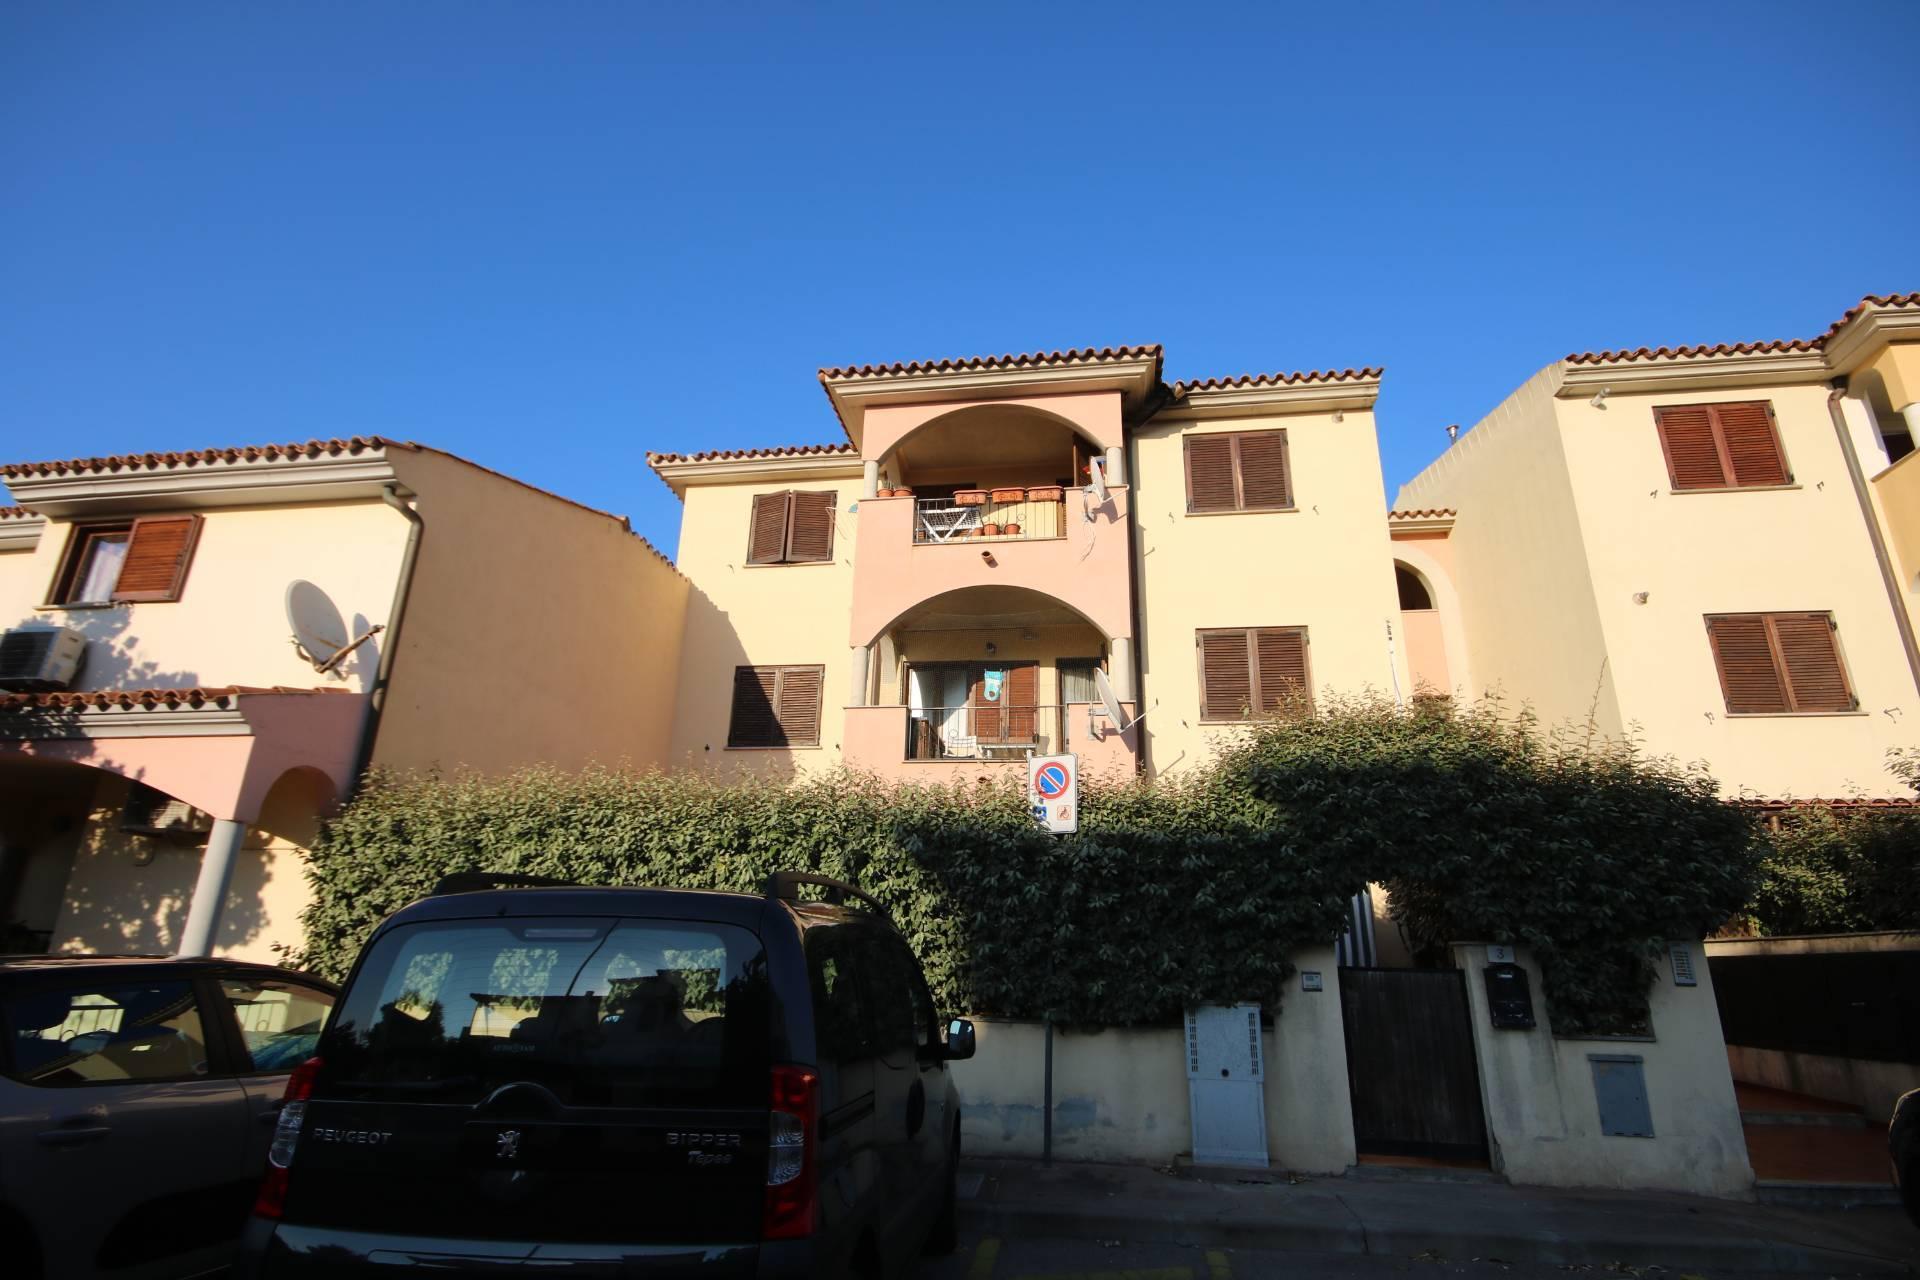 Appartamento in vendita a Olbia - Porto Rotondo, 3 locali, zona Località: Olbiacitt?, prezzo € 100.000   PortaleAgenzieImmobiliari.it